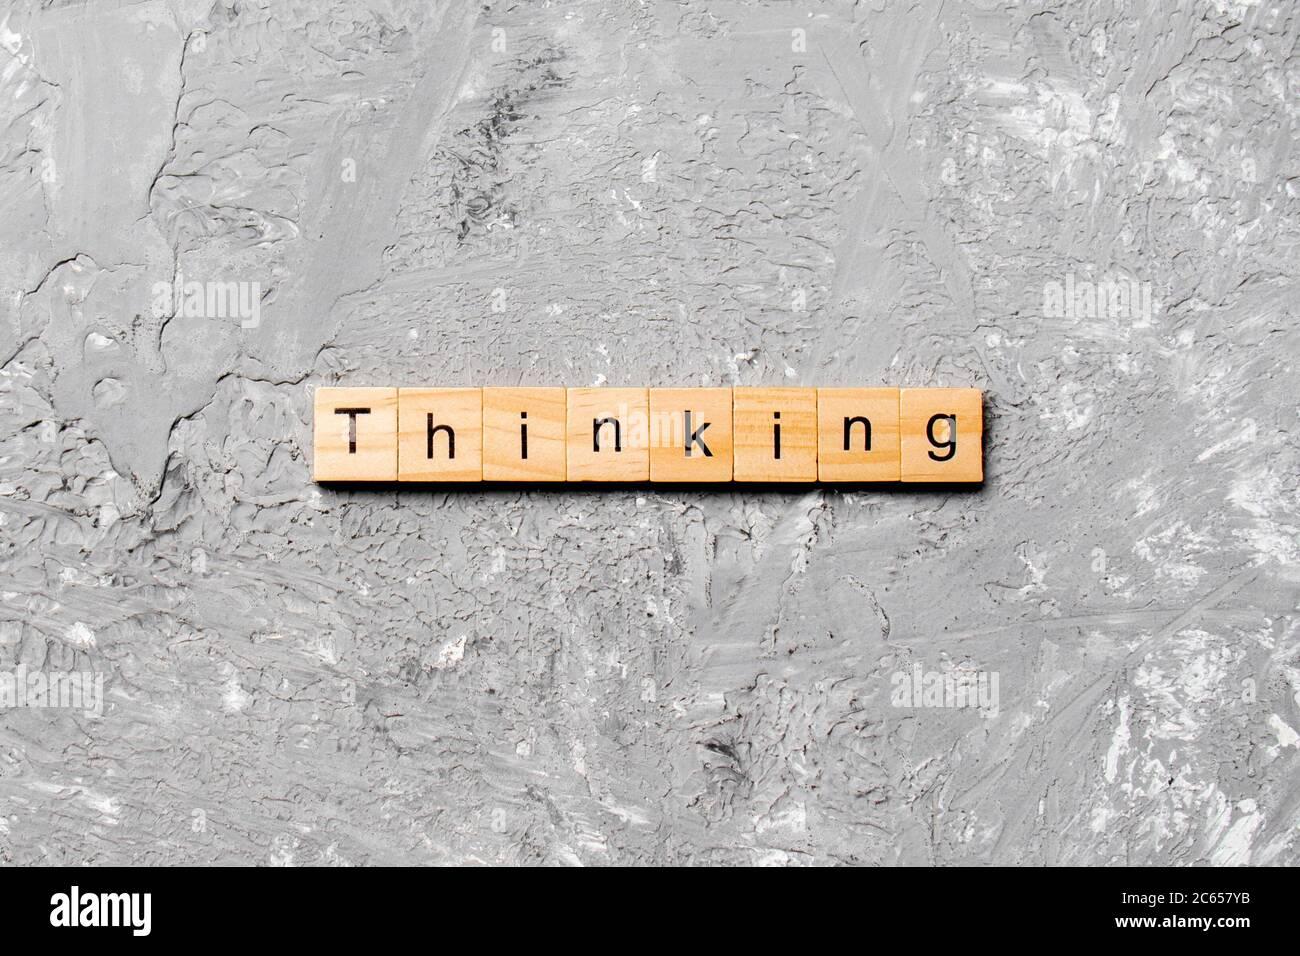 pensar palabra escrita en bloque de madera. pensar texto en tabla de cemento para su diseño, concepto. Foto de stock